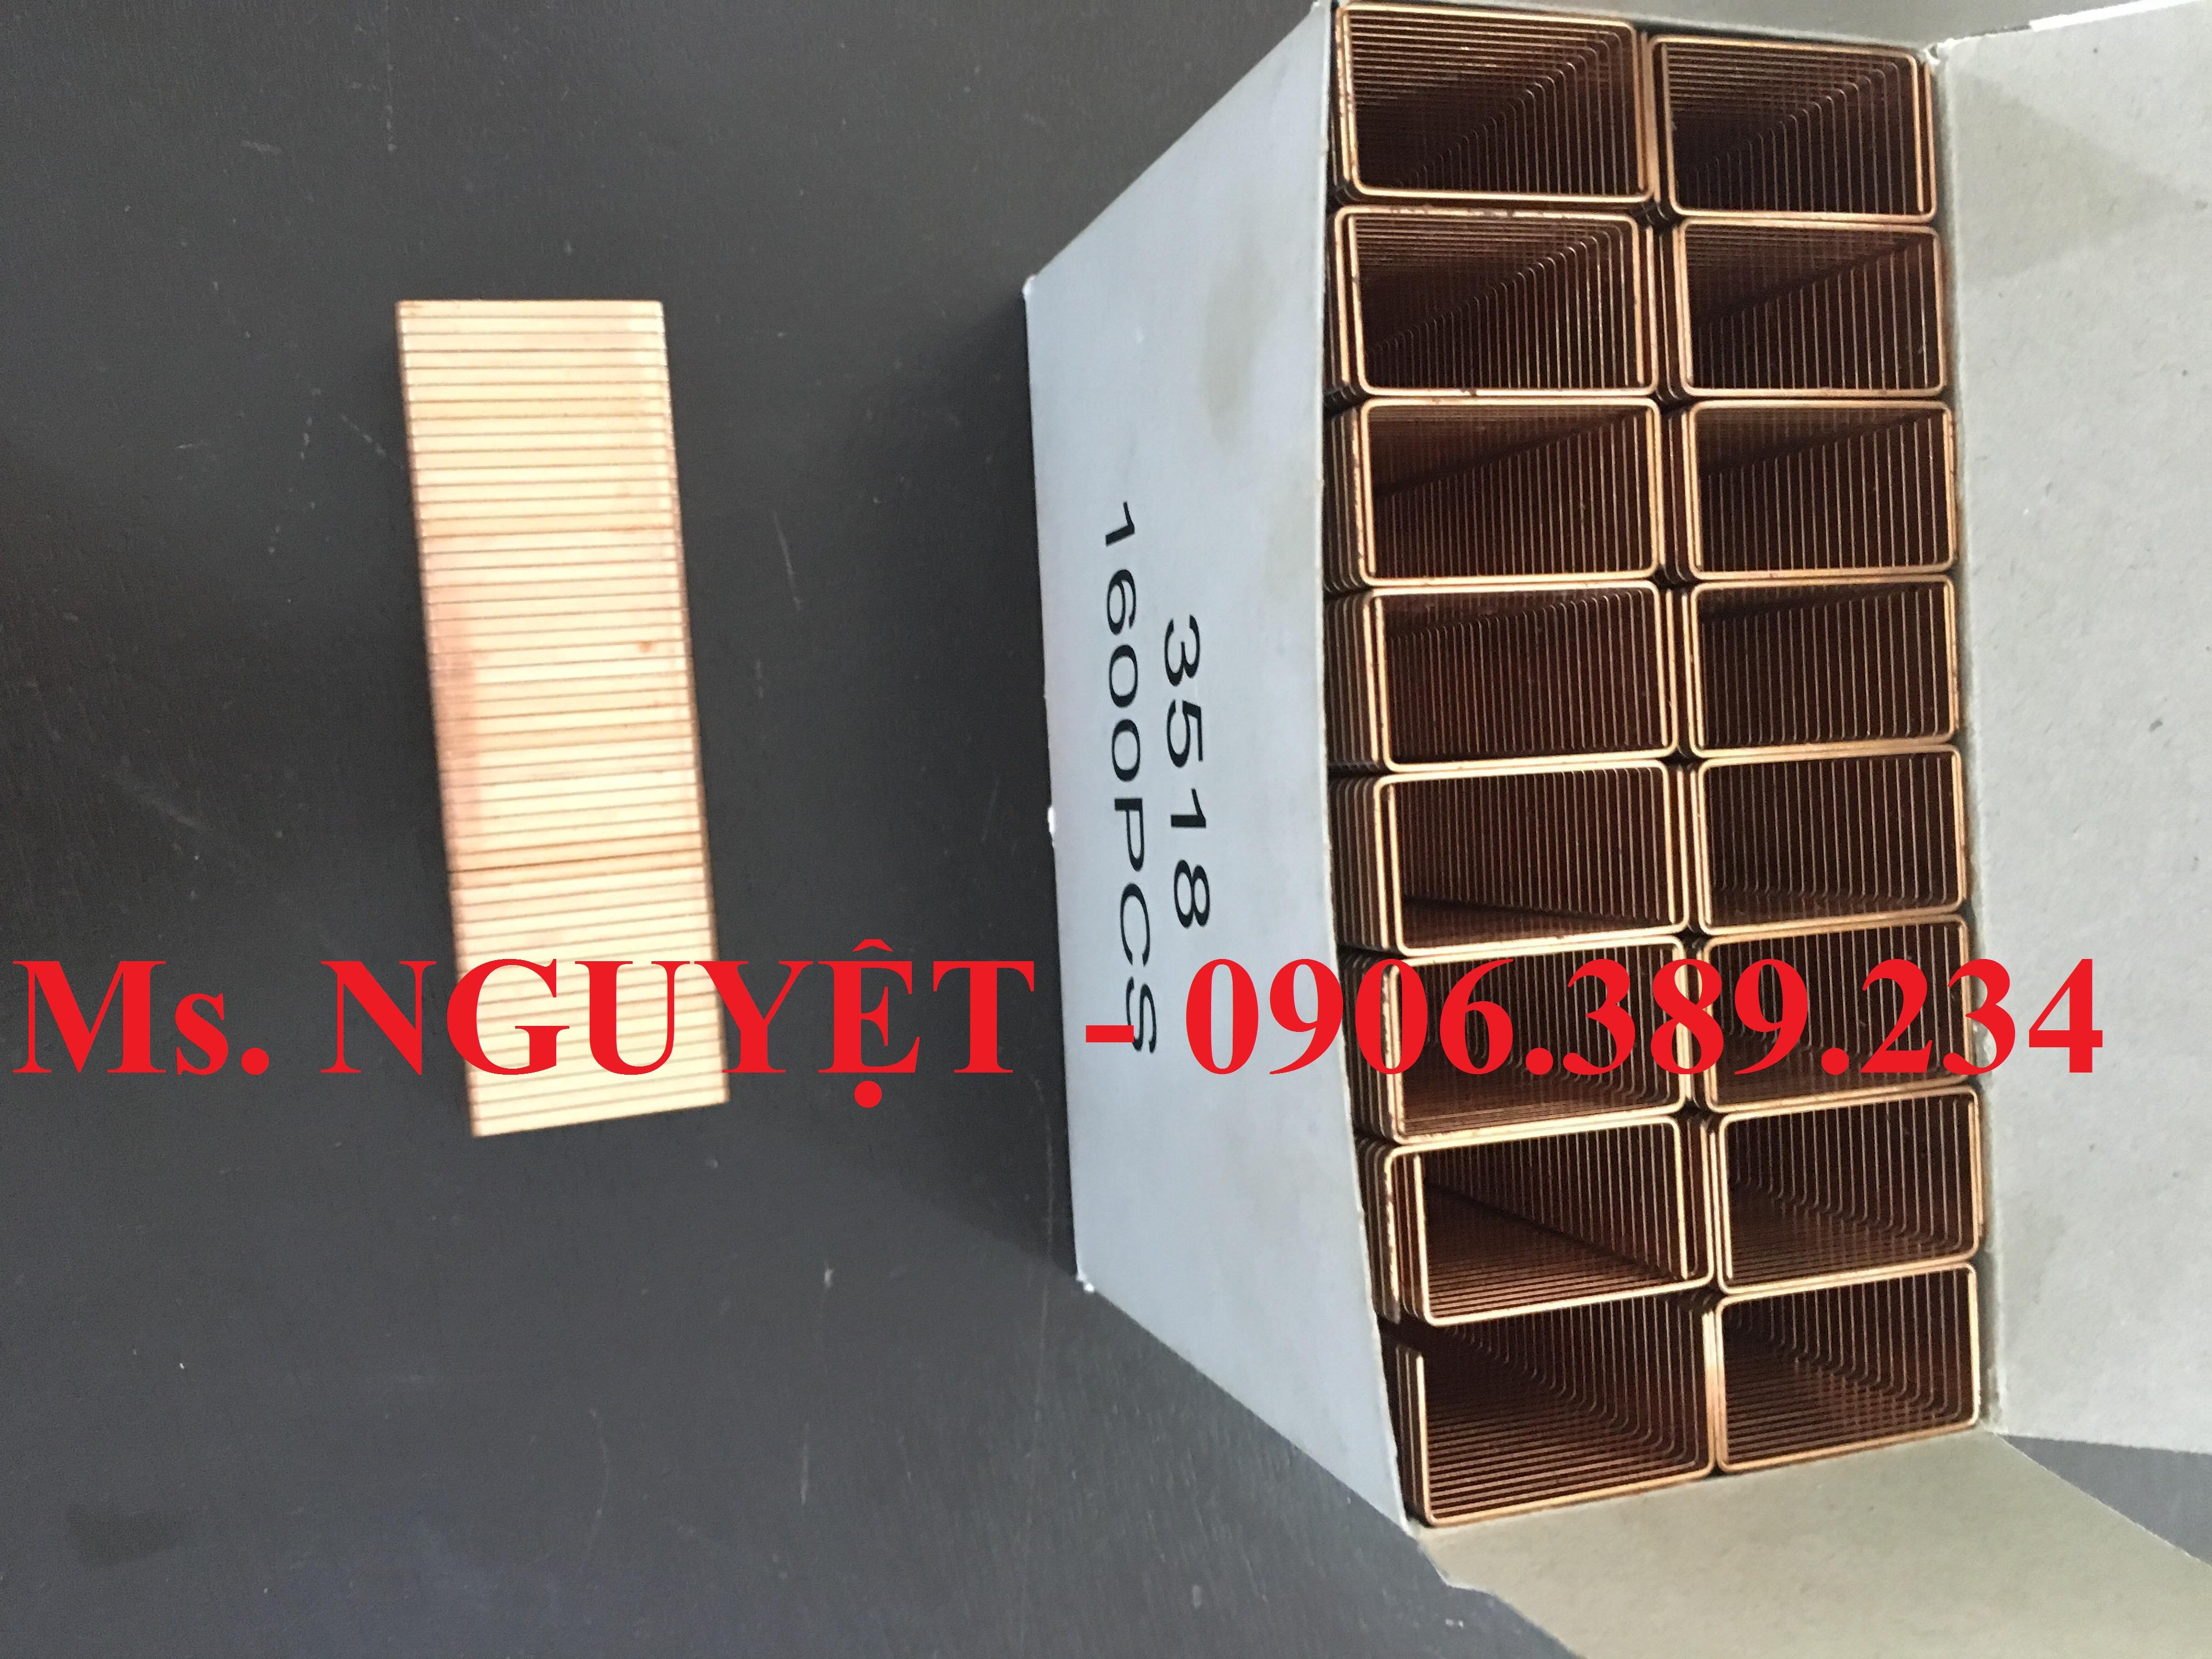 Kim Bấm Thùng Carton 3518 Đài Loan giá tốt Đồng Nai, Bình Dương, Tây Ninh, Vũng Tàu, HCM